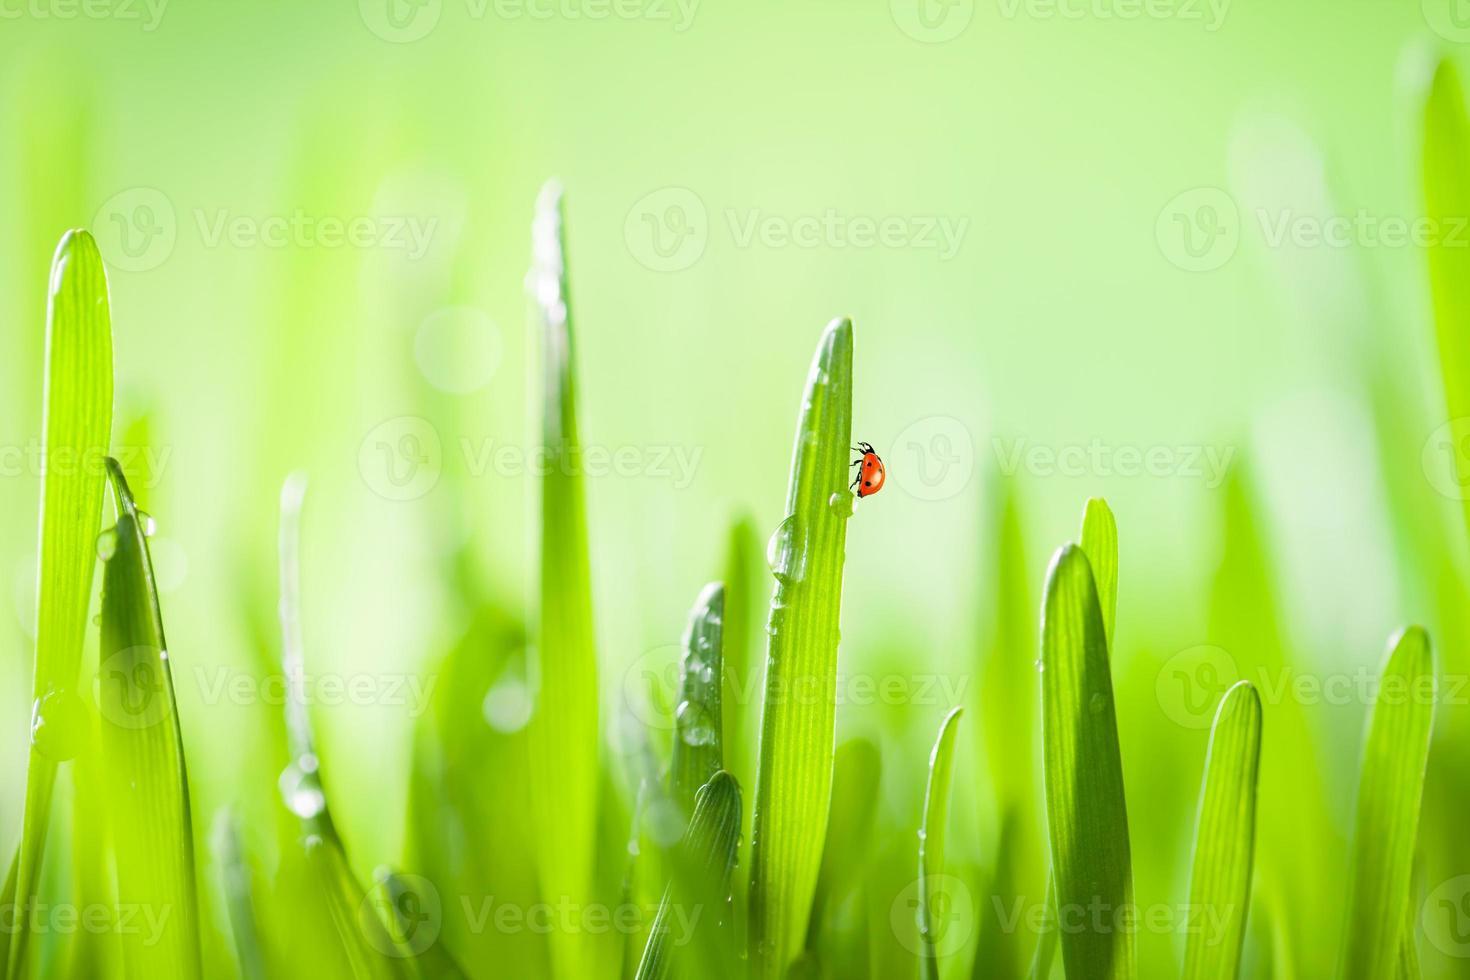 dettaglio dell'erba foto